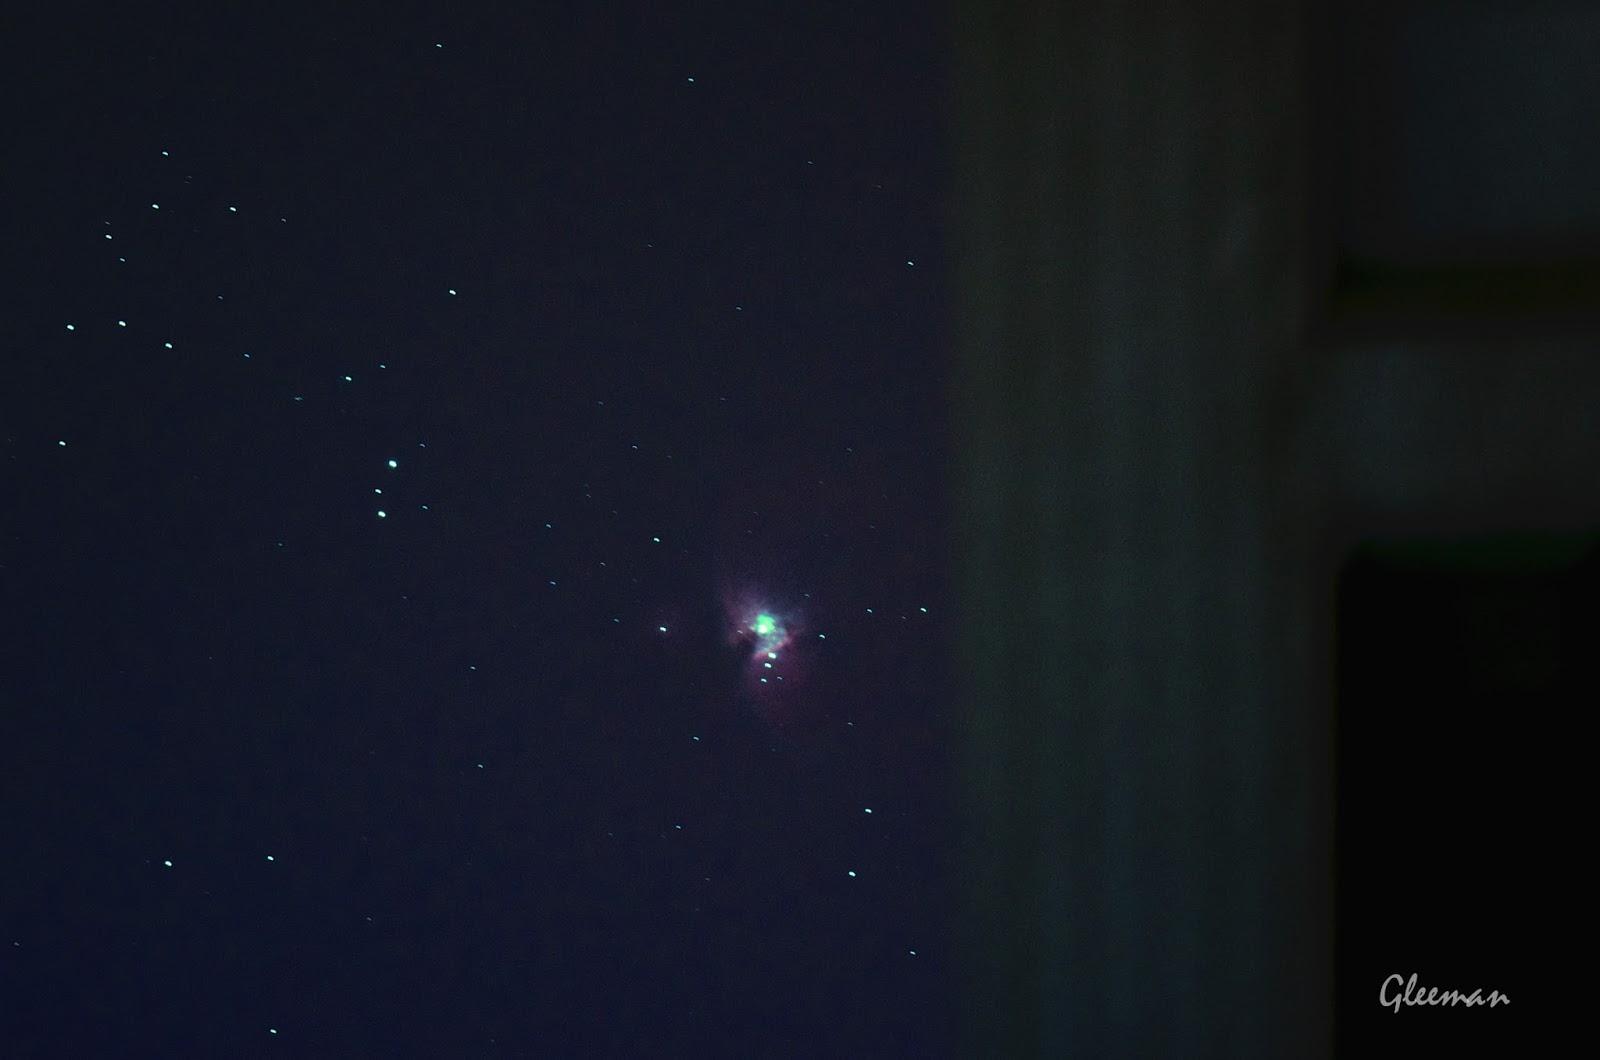 遠方大樓後剛昇上來不久的獵戶座大星雲  M42。